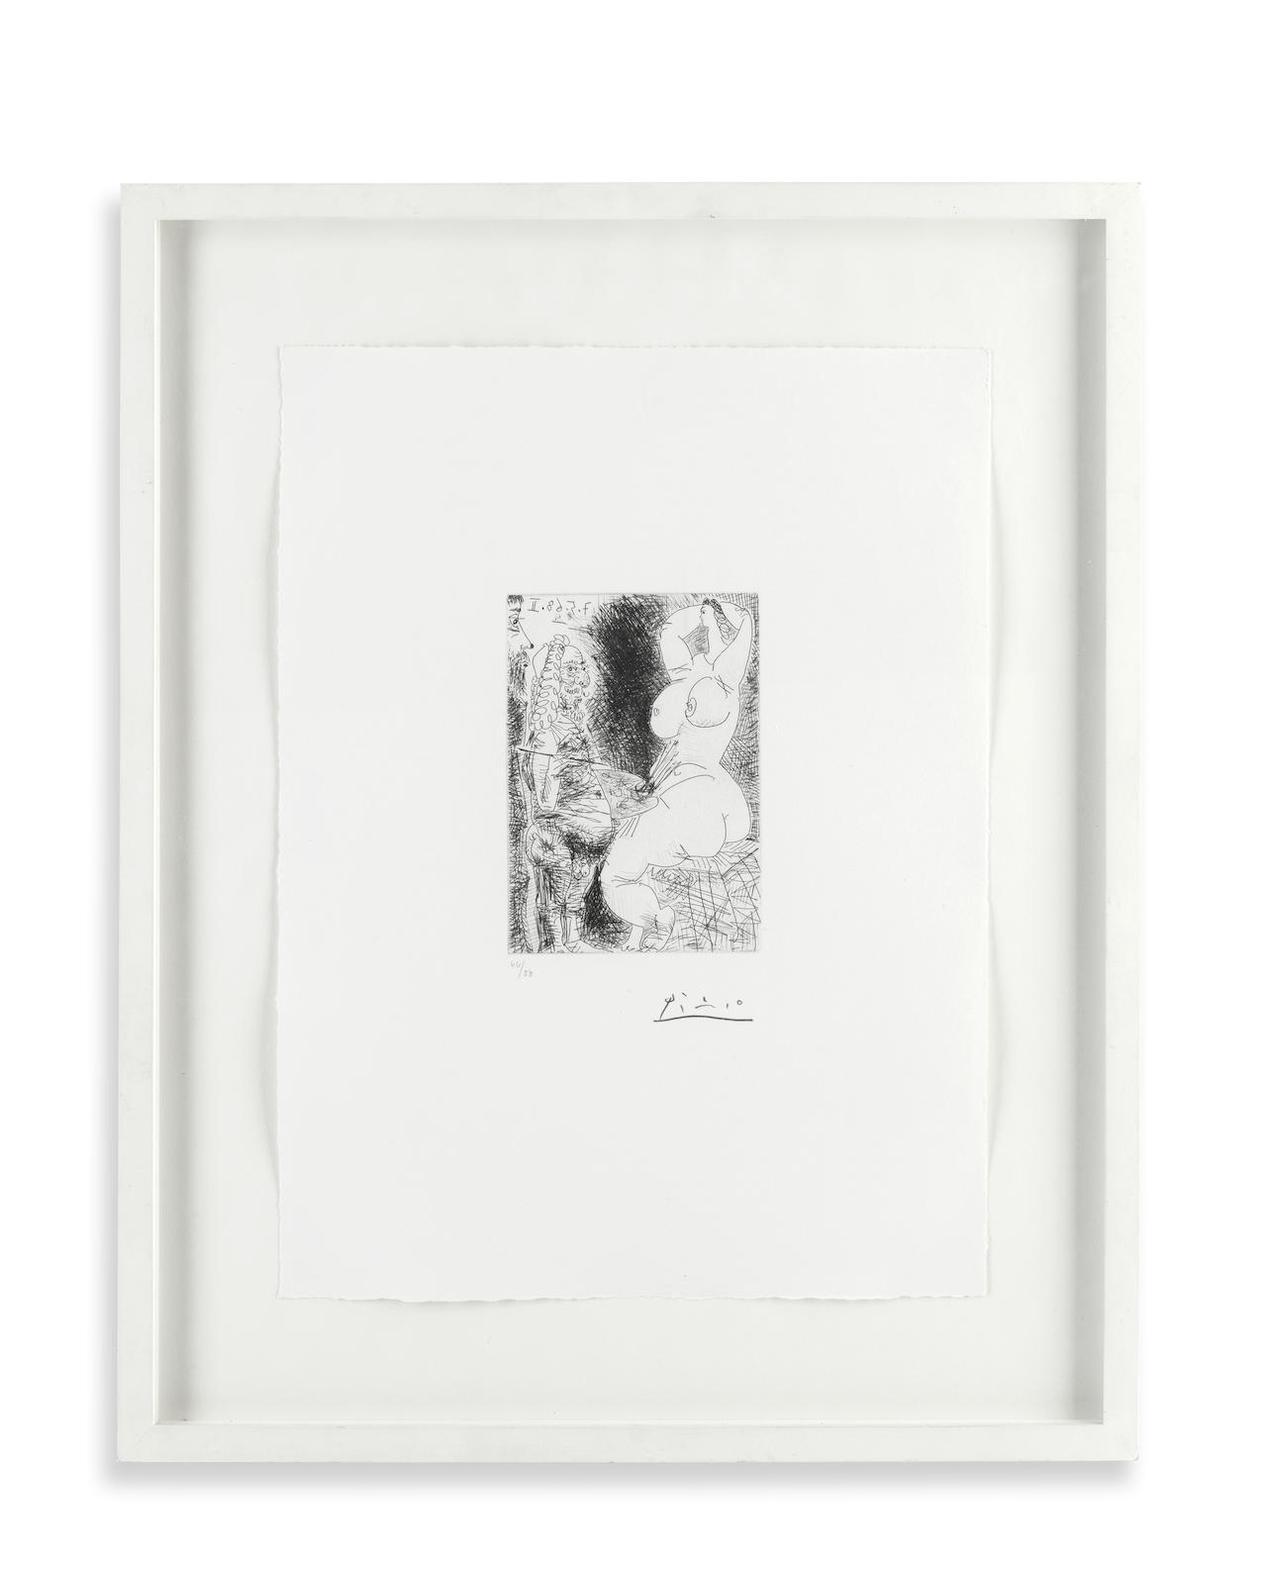 Pablo Picasso-Vieux Peintre, Modele Et Spectateur, From La Serie 347 (Bloch 1547; Baer 1564.Bb1)-1968